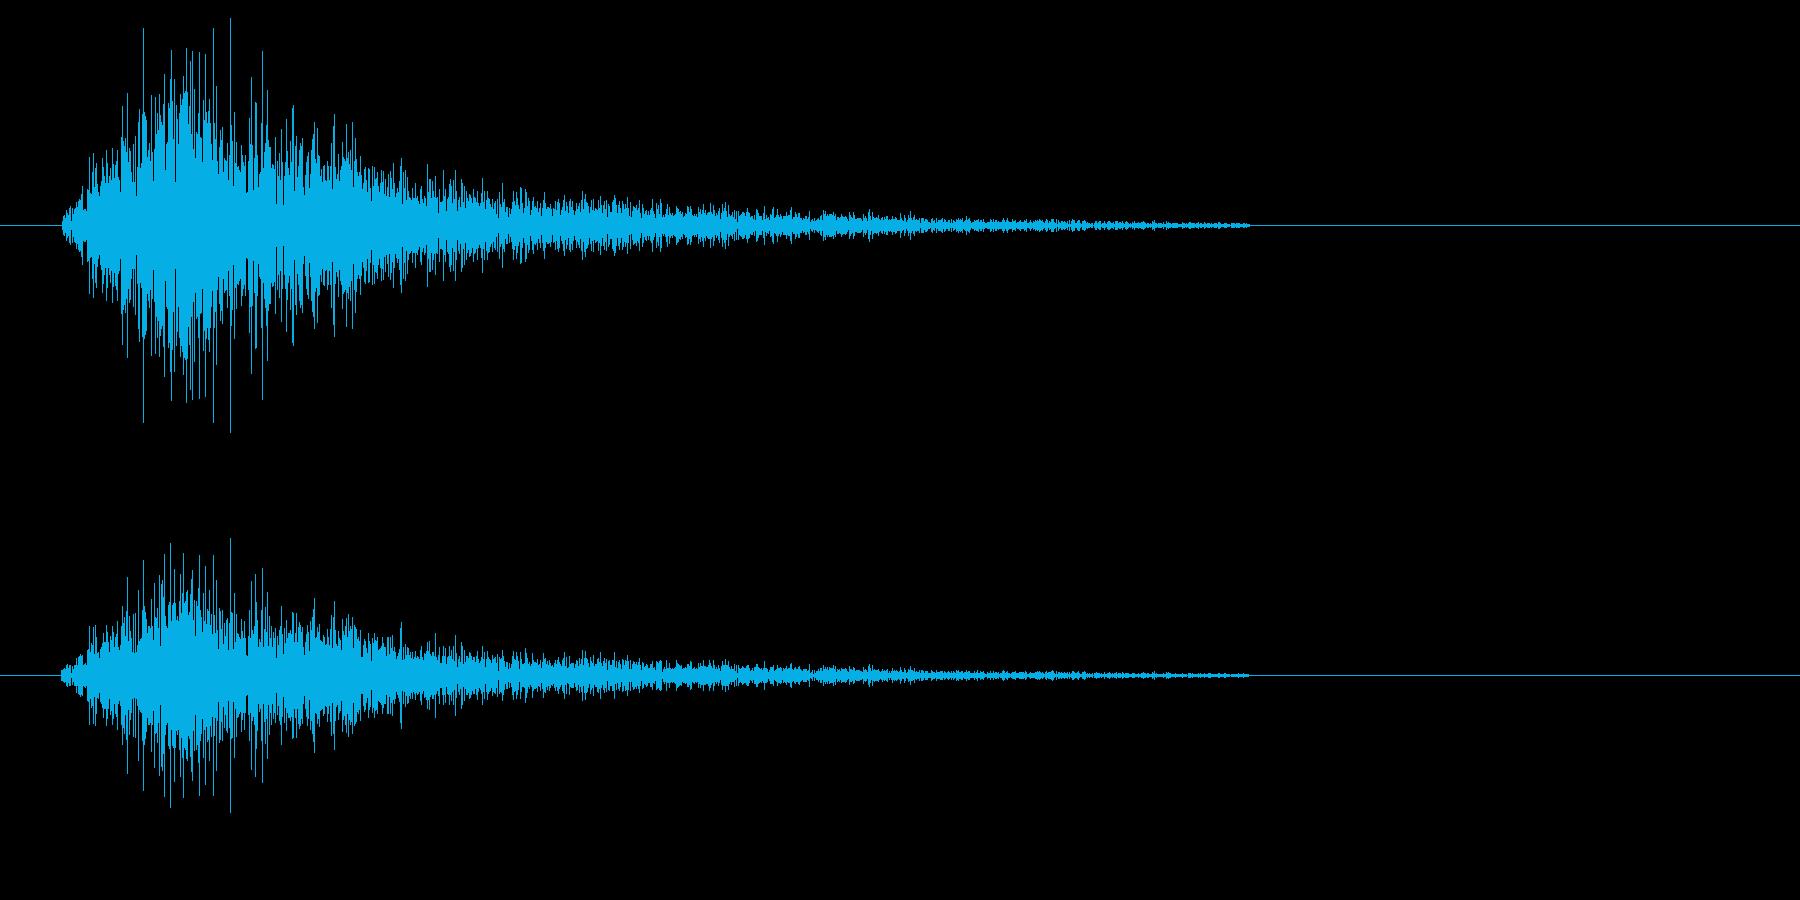 シャタン(シンプルでアクセントになる音)の再生済みの波形